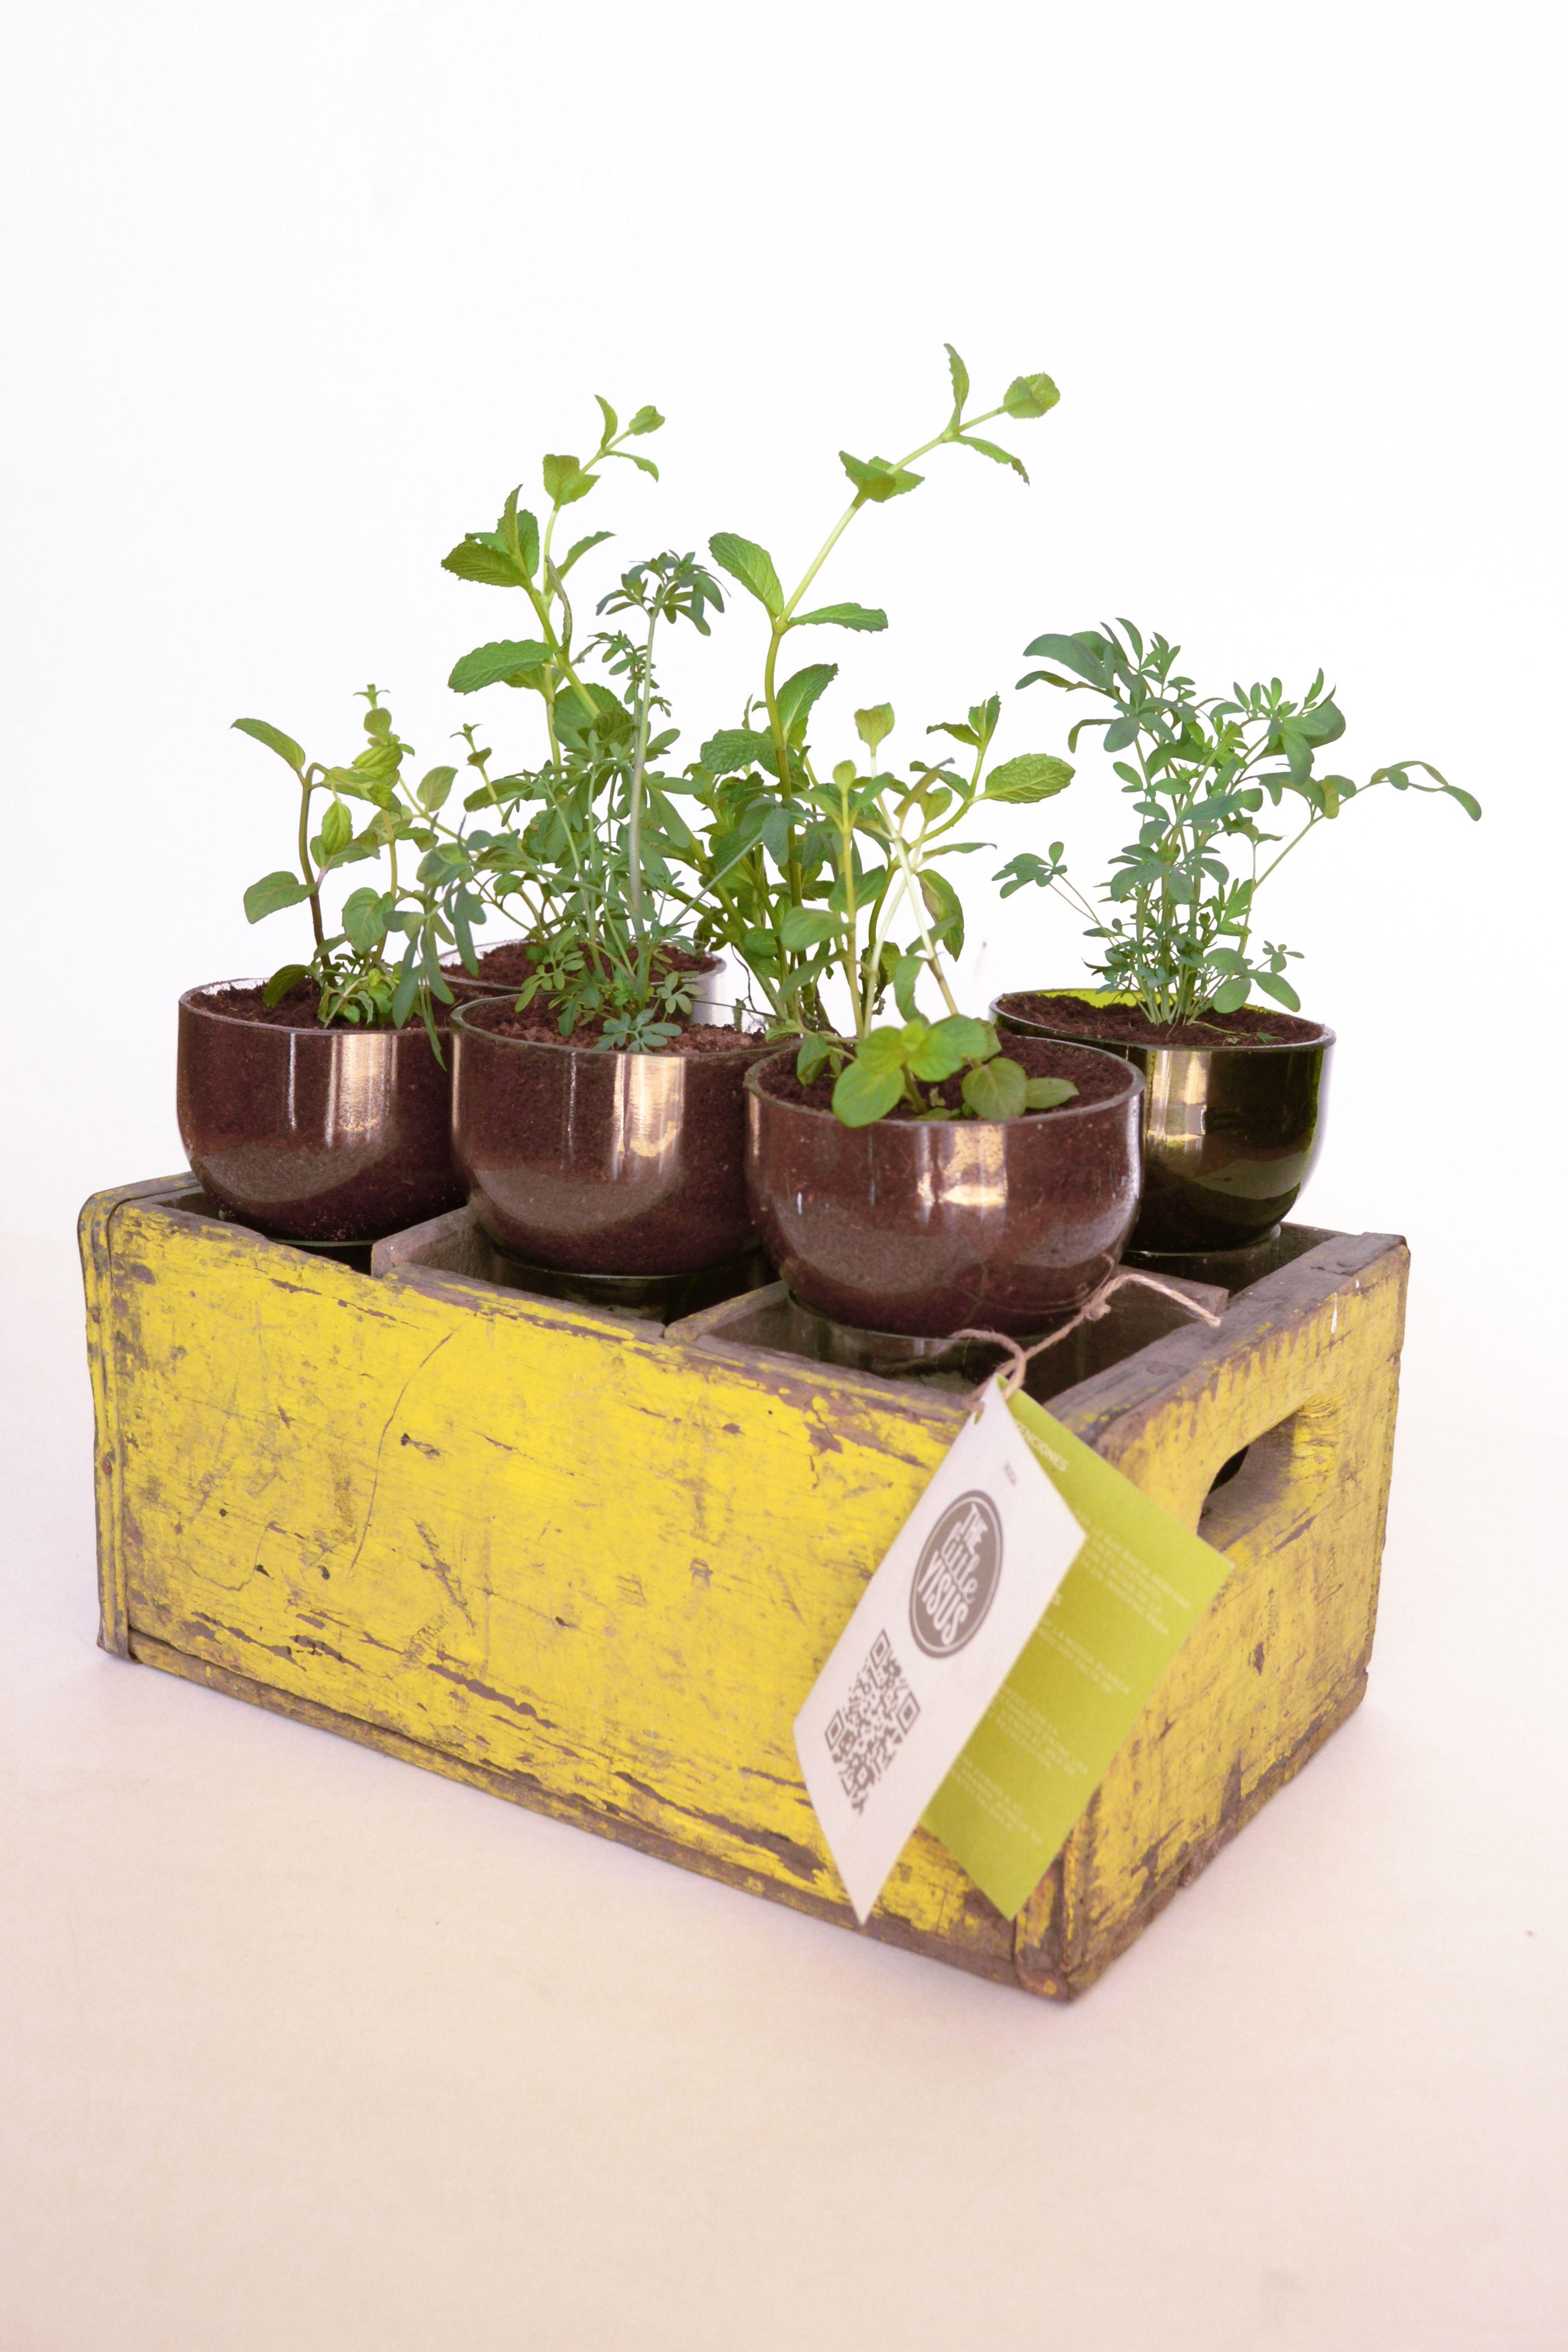 Regalo ecol gico plantas en botellas dise o ecol gico for Diseno de plantas ornamentales